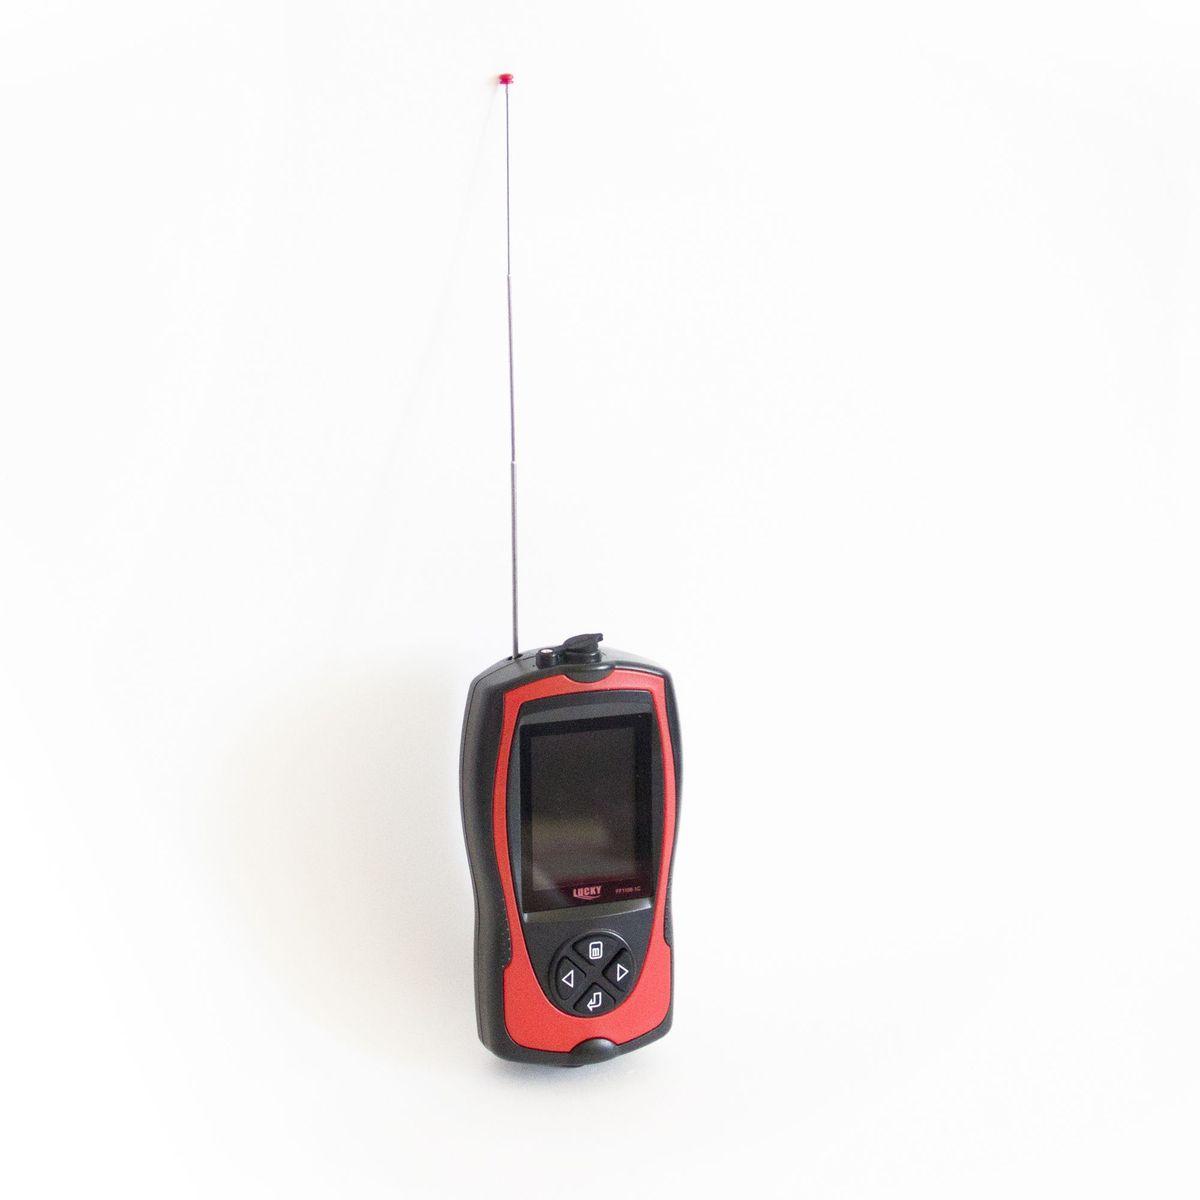 Эхолот рыбопоисковый Lucky, с цветным дисплеем и радиодатчиком, цвет: черный. FFW1108-1СFFW1108-1CВодонепроницаемый корпус Цветной ЖК-дисплей Отображения дна, контур. Установка чувствительности, звуковой сигнал рыбы и глубины Радиус действия беспроводного датчика до 150 метров Беспроводной датчик угол луча 90-градусов Отображение температуры воды и индикатора заряда батареи. По выбору пользователя метр или фут. Элемент питания беспроводного датчика CR 2032, сменный. Глубина сканирования : 120 футов / 40 метров (преобразователь беспроводной в режиме 125 кГц) Комплект поставки: Профессиональный эхолот Беспроводной Датчик Адаптер питания Батарея/СR-2032 Шейный ремень Инструкция по эксплуатации Подключение проводного датчика не возможно.